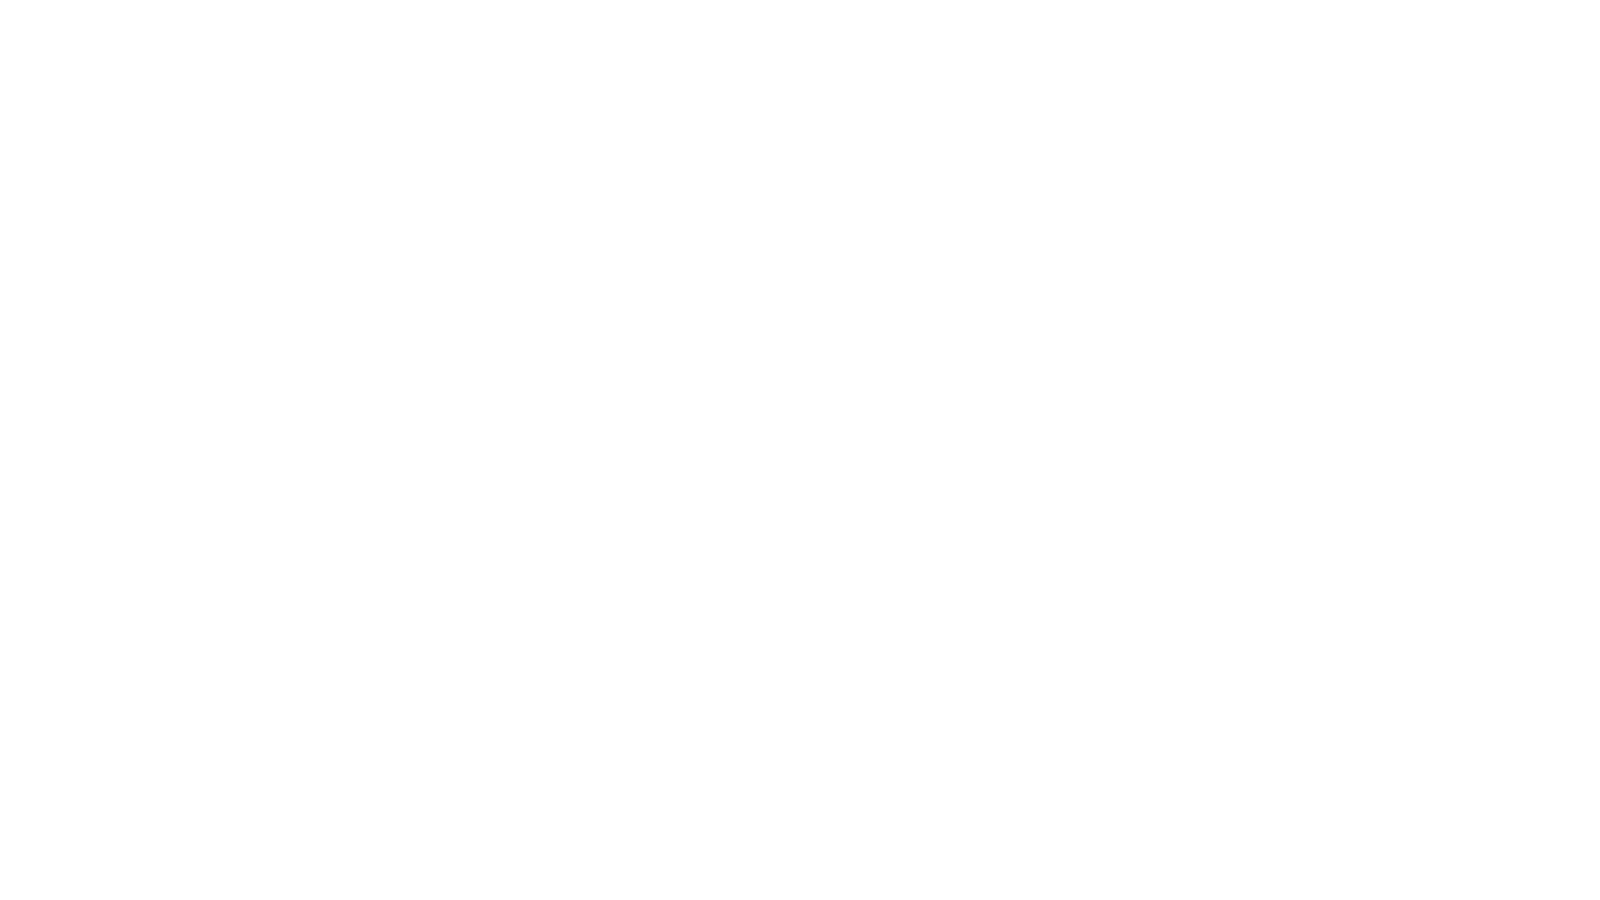 En este video te mostramos al detalle tres de los principales modelos de mochilas, totalmente impermeables, que cubren las necesidades del pescador con mosca. Tres modelos con capacidades de 35, 45 y 90 litros de la mejor calidad disponible en el mercado. • Mochila Estanca Bewolk Mochila 35 lts. con Portatubos, cierre por enrollado. Confeccionado en cobertura pesada tipo 1100 recubierta en PVC con un espesor aproximado de 520 mic altamente resistente al desgarro y la abrasión. Se encuentran íntegramente soldados por radiofrecuencia. Colores gris, negro y verde militar. Podés adquirirla on-line en: https://www.federicoprato.com.ar/productos/4385-mochila-estanca-35l-gris-bewolk.html • Mochila Stormfront® Roll Top Patagonia La mochila Stormfront Roll Top de Patagonia, es una clásica bolsa seca enrollable con capacidad de 45 lts., suficiente para transportar tu equipo en cualquier entorno. Esta mochila 100% impermeable presenta costuras soldadas y un arnés de hombro de bajo perfil que hace que transportar la carga sea muy cómodo sin importar lo que esté empacando. Podés ver más características o adquirirla on-line en: https://www.federicoprato.com.ar/productos/4385-mochila-estanca-35l-gris-bewolk.html • Mochila Tongass 5500 Umpqua Mantener todo seco en tu próxima flotada es el objetivo con esta mochila de 90 litros impermeable y con cierre Roll-top, manija principal reforzada, tiras para el hombro con protección que se convierten en manijas cuando querés usar la mochila como bolso de mano. Podés ver más características o adquirirla on-line en: https://www.federicoprato.com.ar/productos/bolsos-y-mochilas/13159-mochila-tongass-steel-blue-umpqua.html